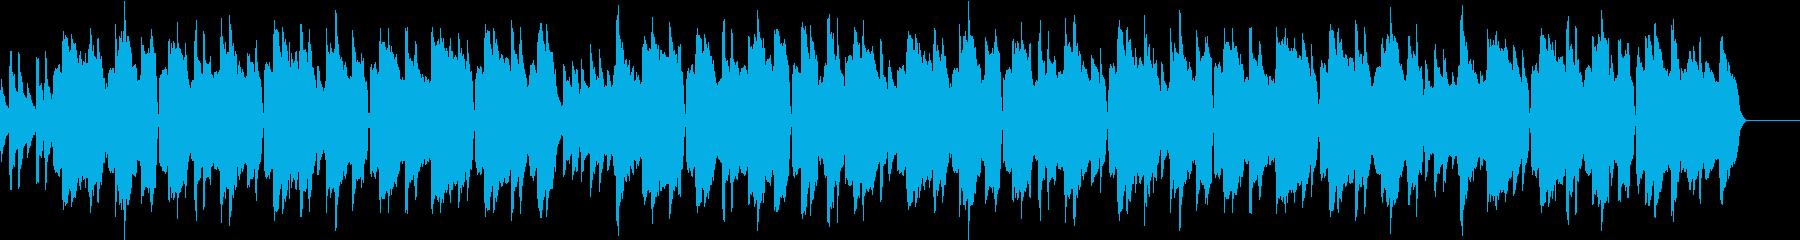 静かで優美なクラリネットのメロディーの再生済みの波形